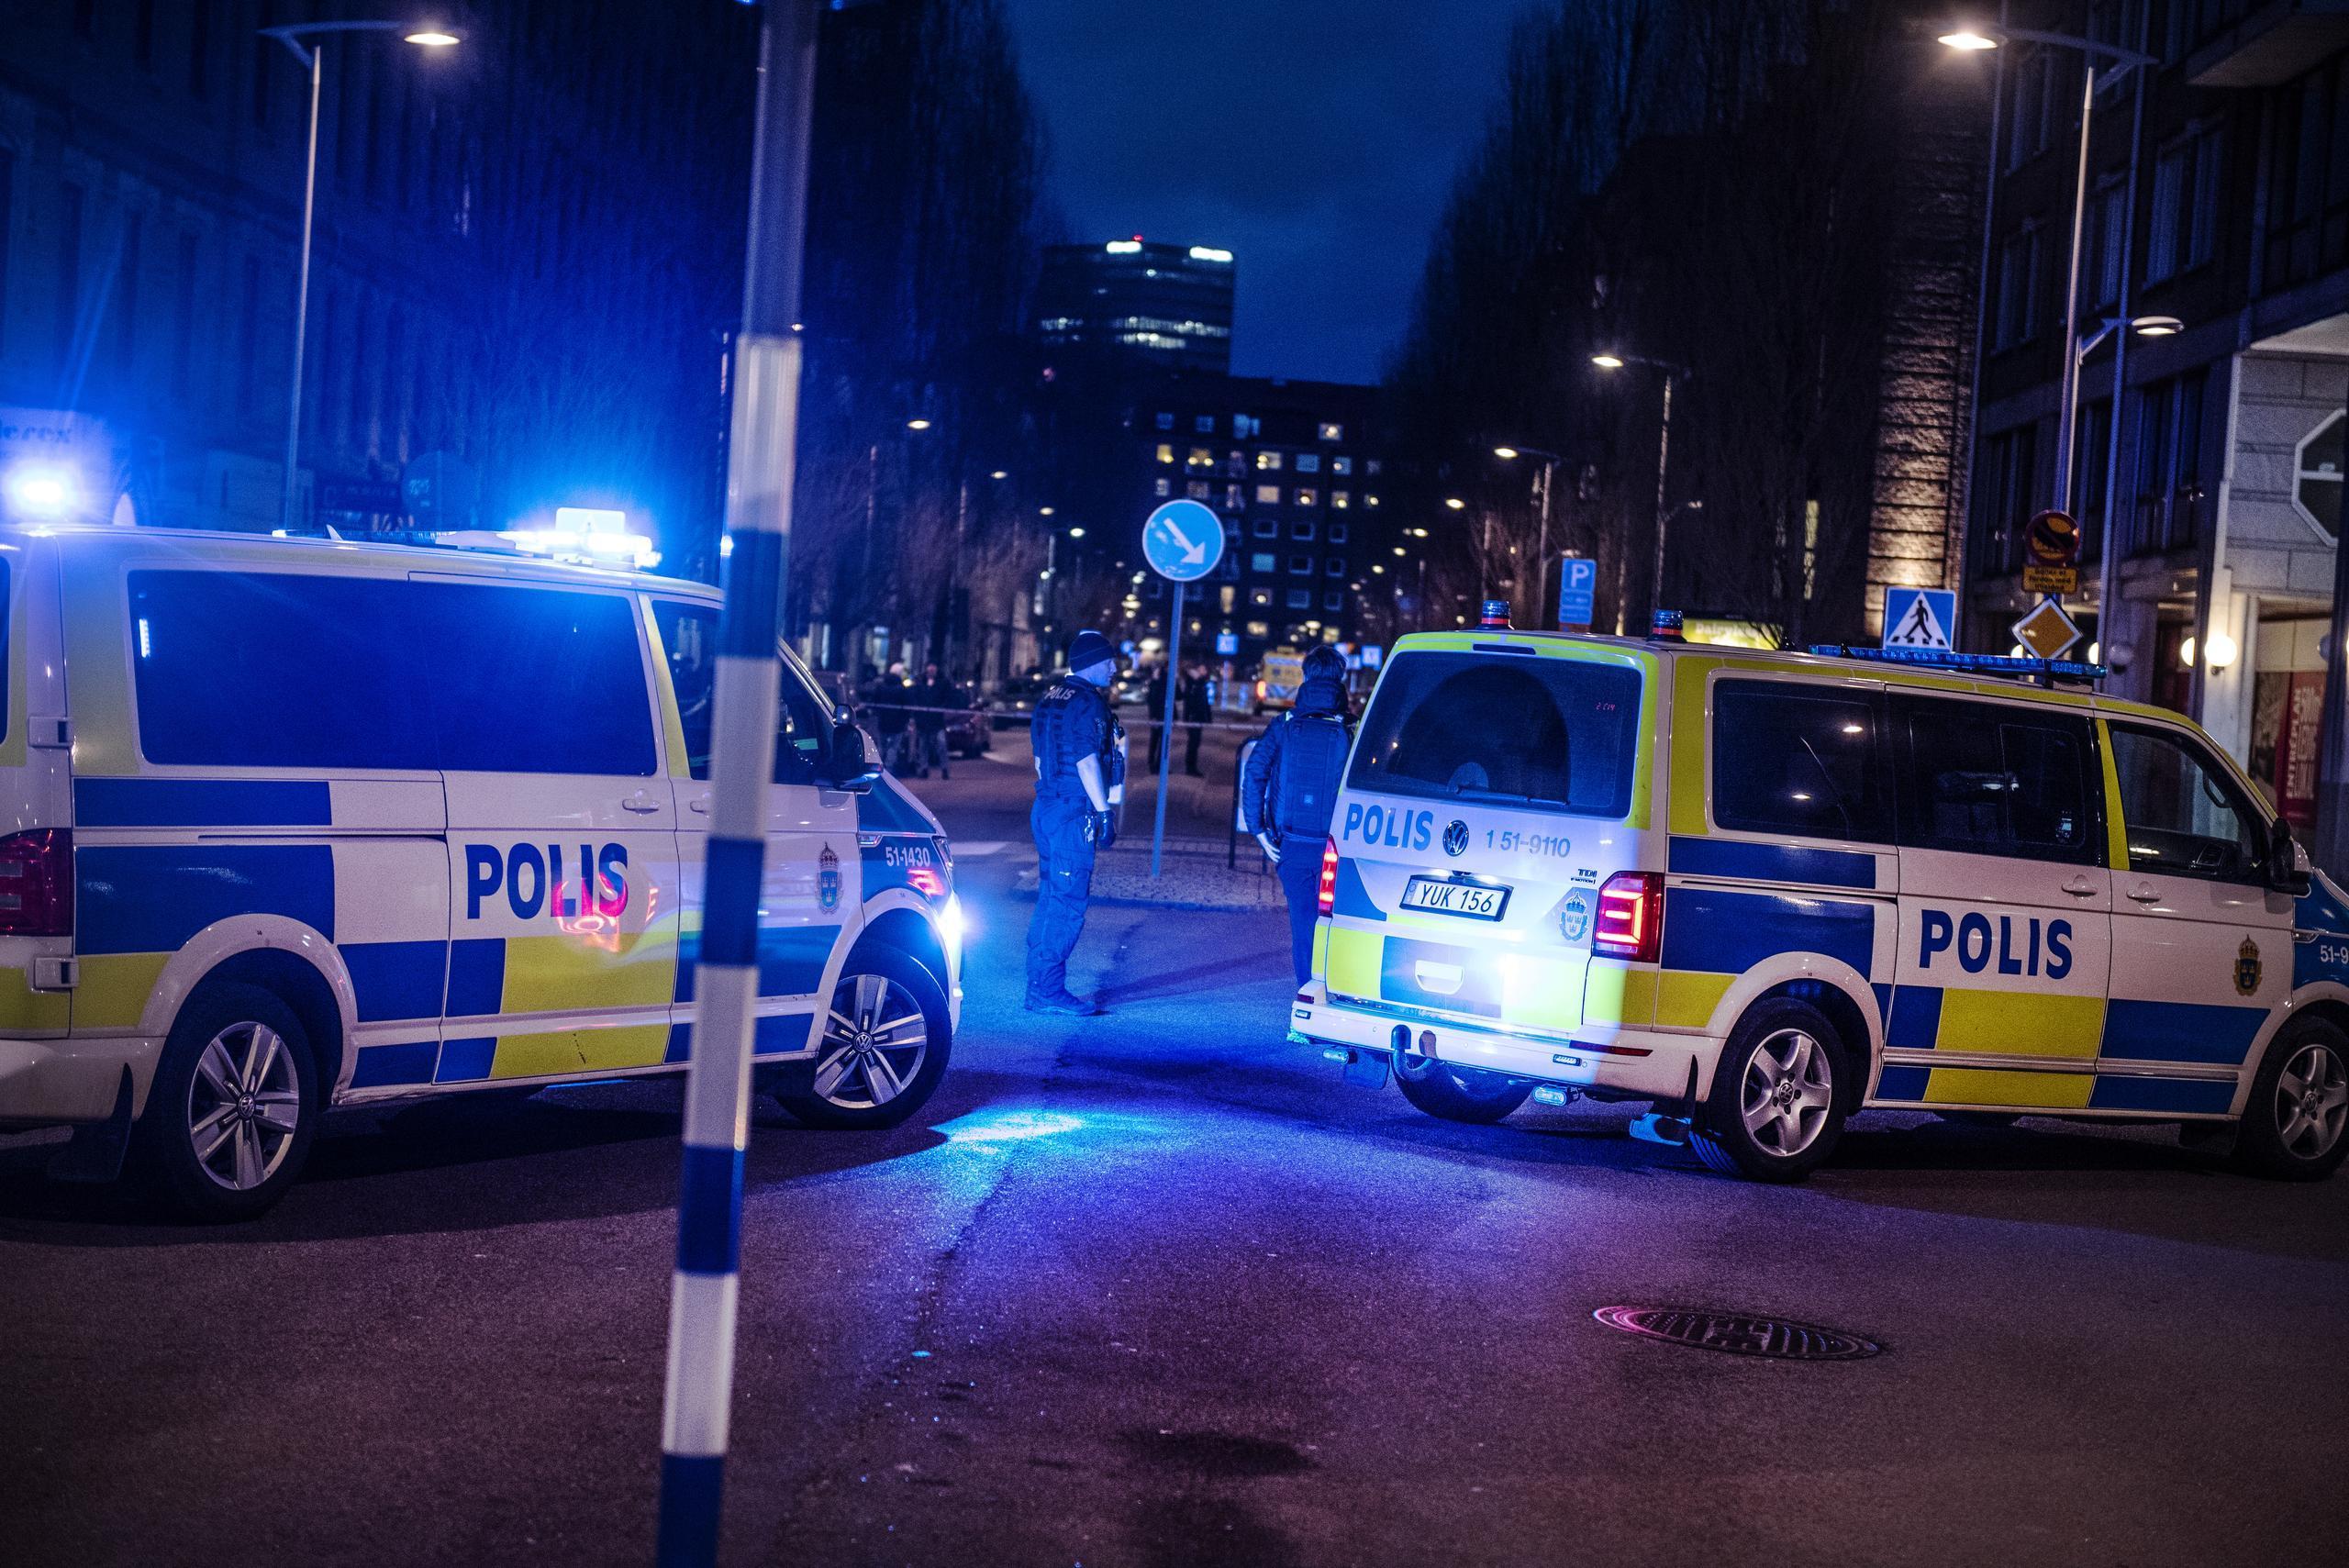 Dömdes till fängelse – nu anhållen för knivmordet på Odinsgatan